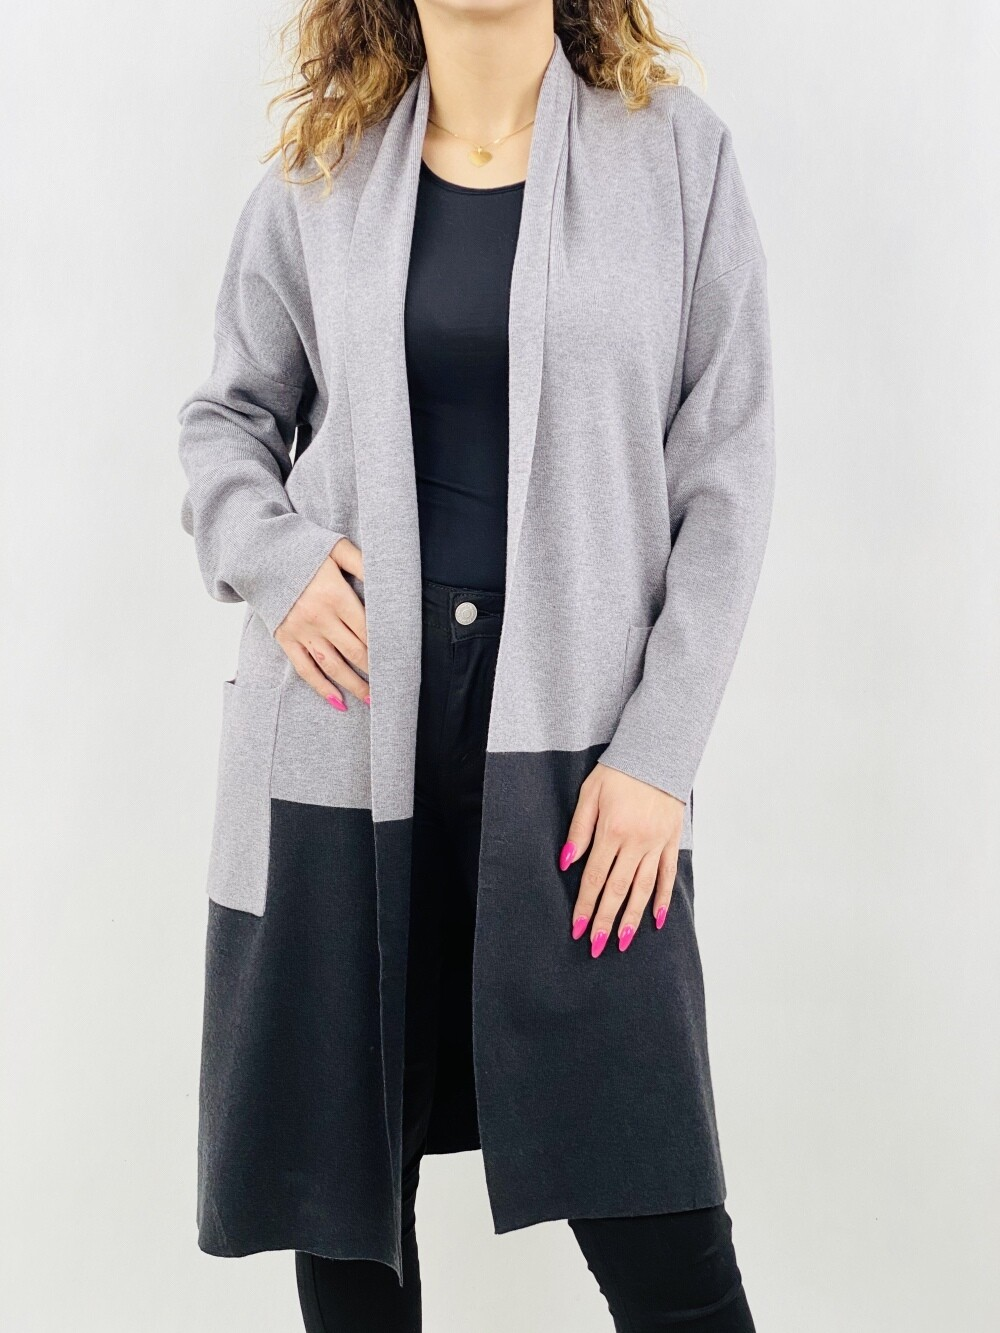 Cardigan lunga bicolore  manica col taglio a kimono